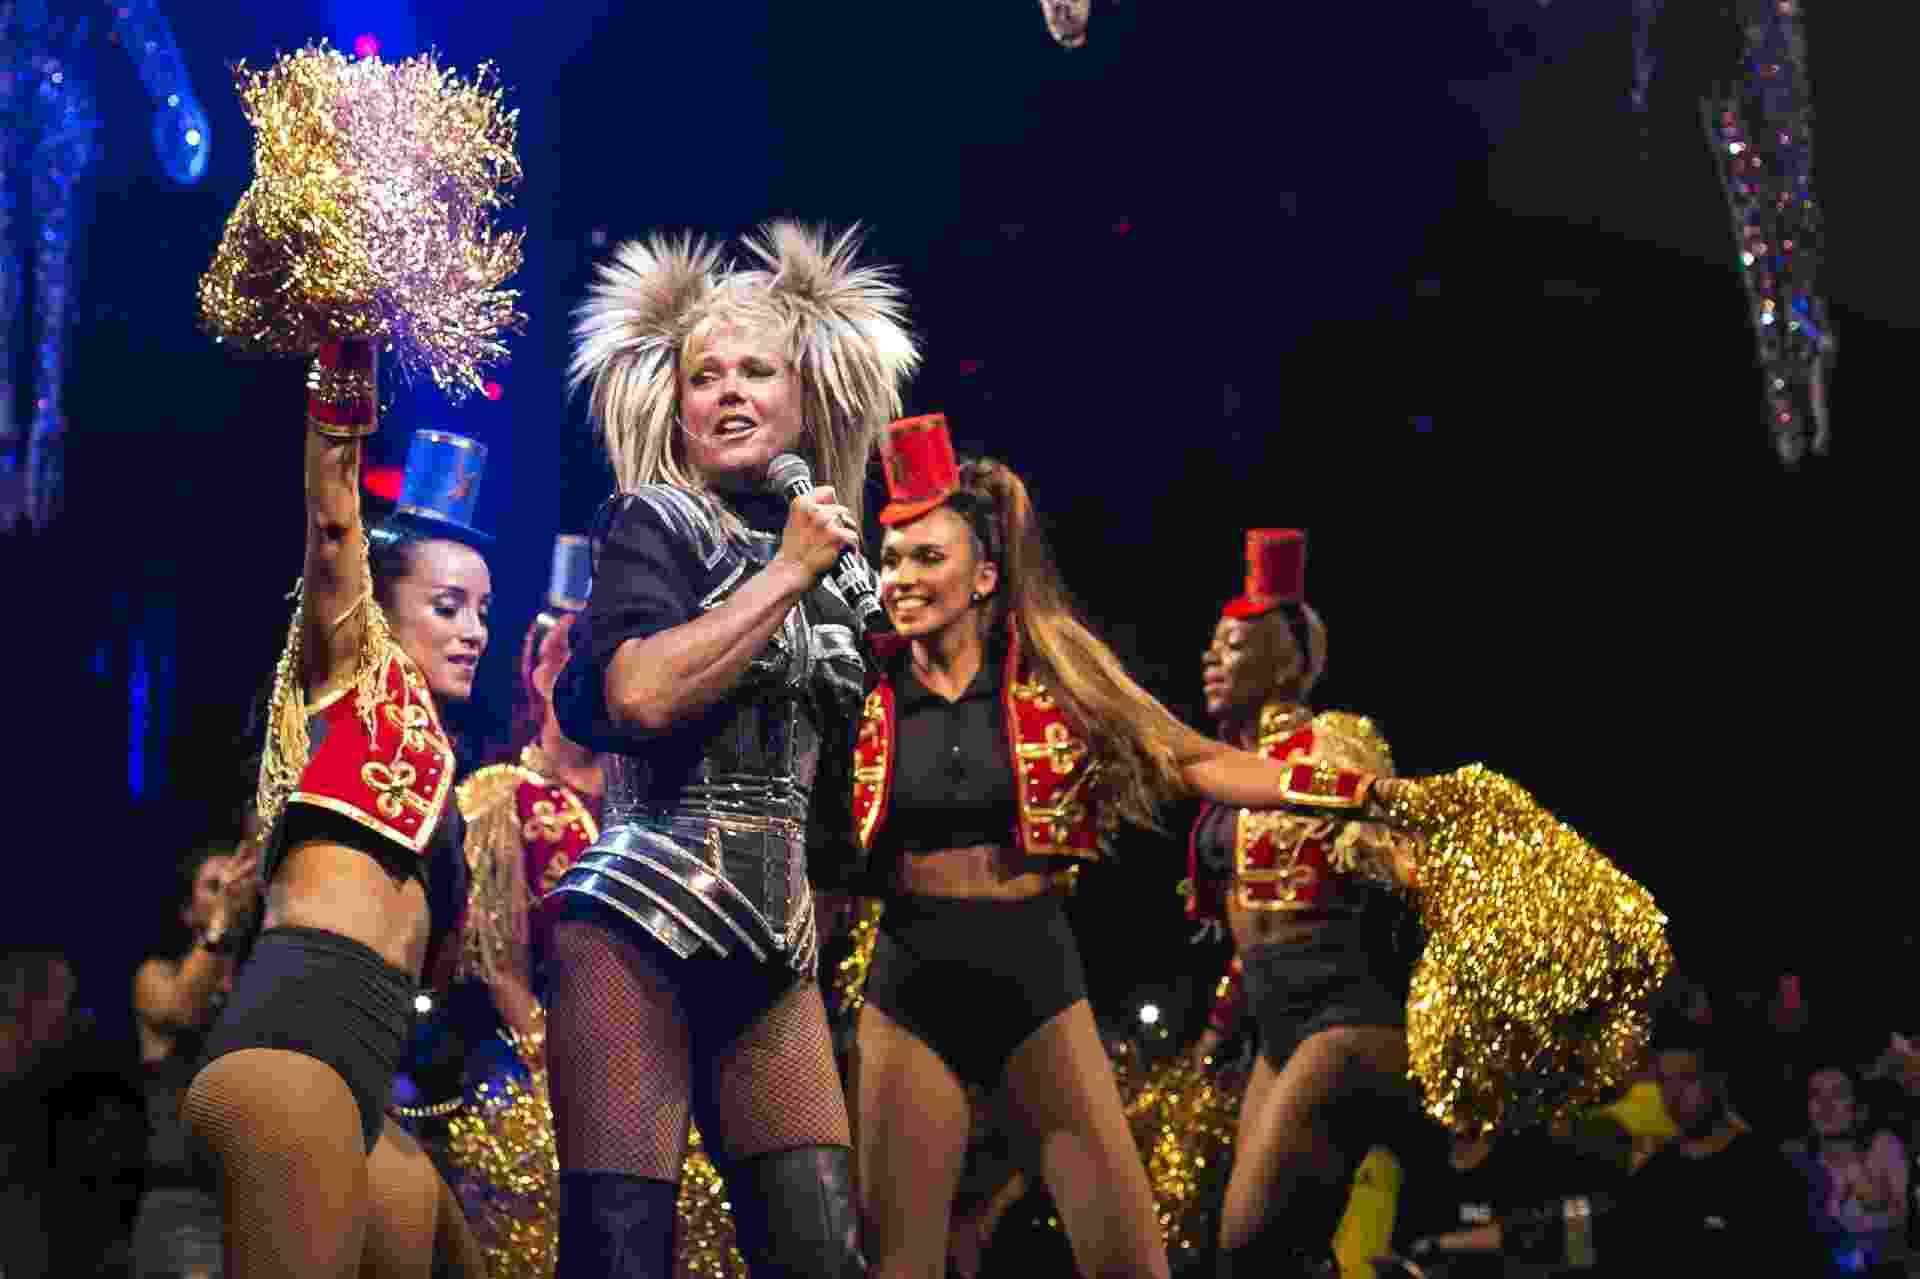 27.jan.2018 - A apresentadora Xuxa Meneghel se apresentou na festa pós-desfile do Spanta Neném, que aconteceu na Sociedade Hípica Brasileira, na Lagoa, zona sul da cidade do Rio de Janeiro - Bruna Prado/UOL